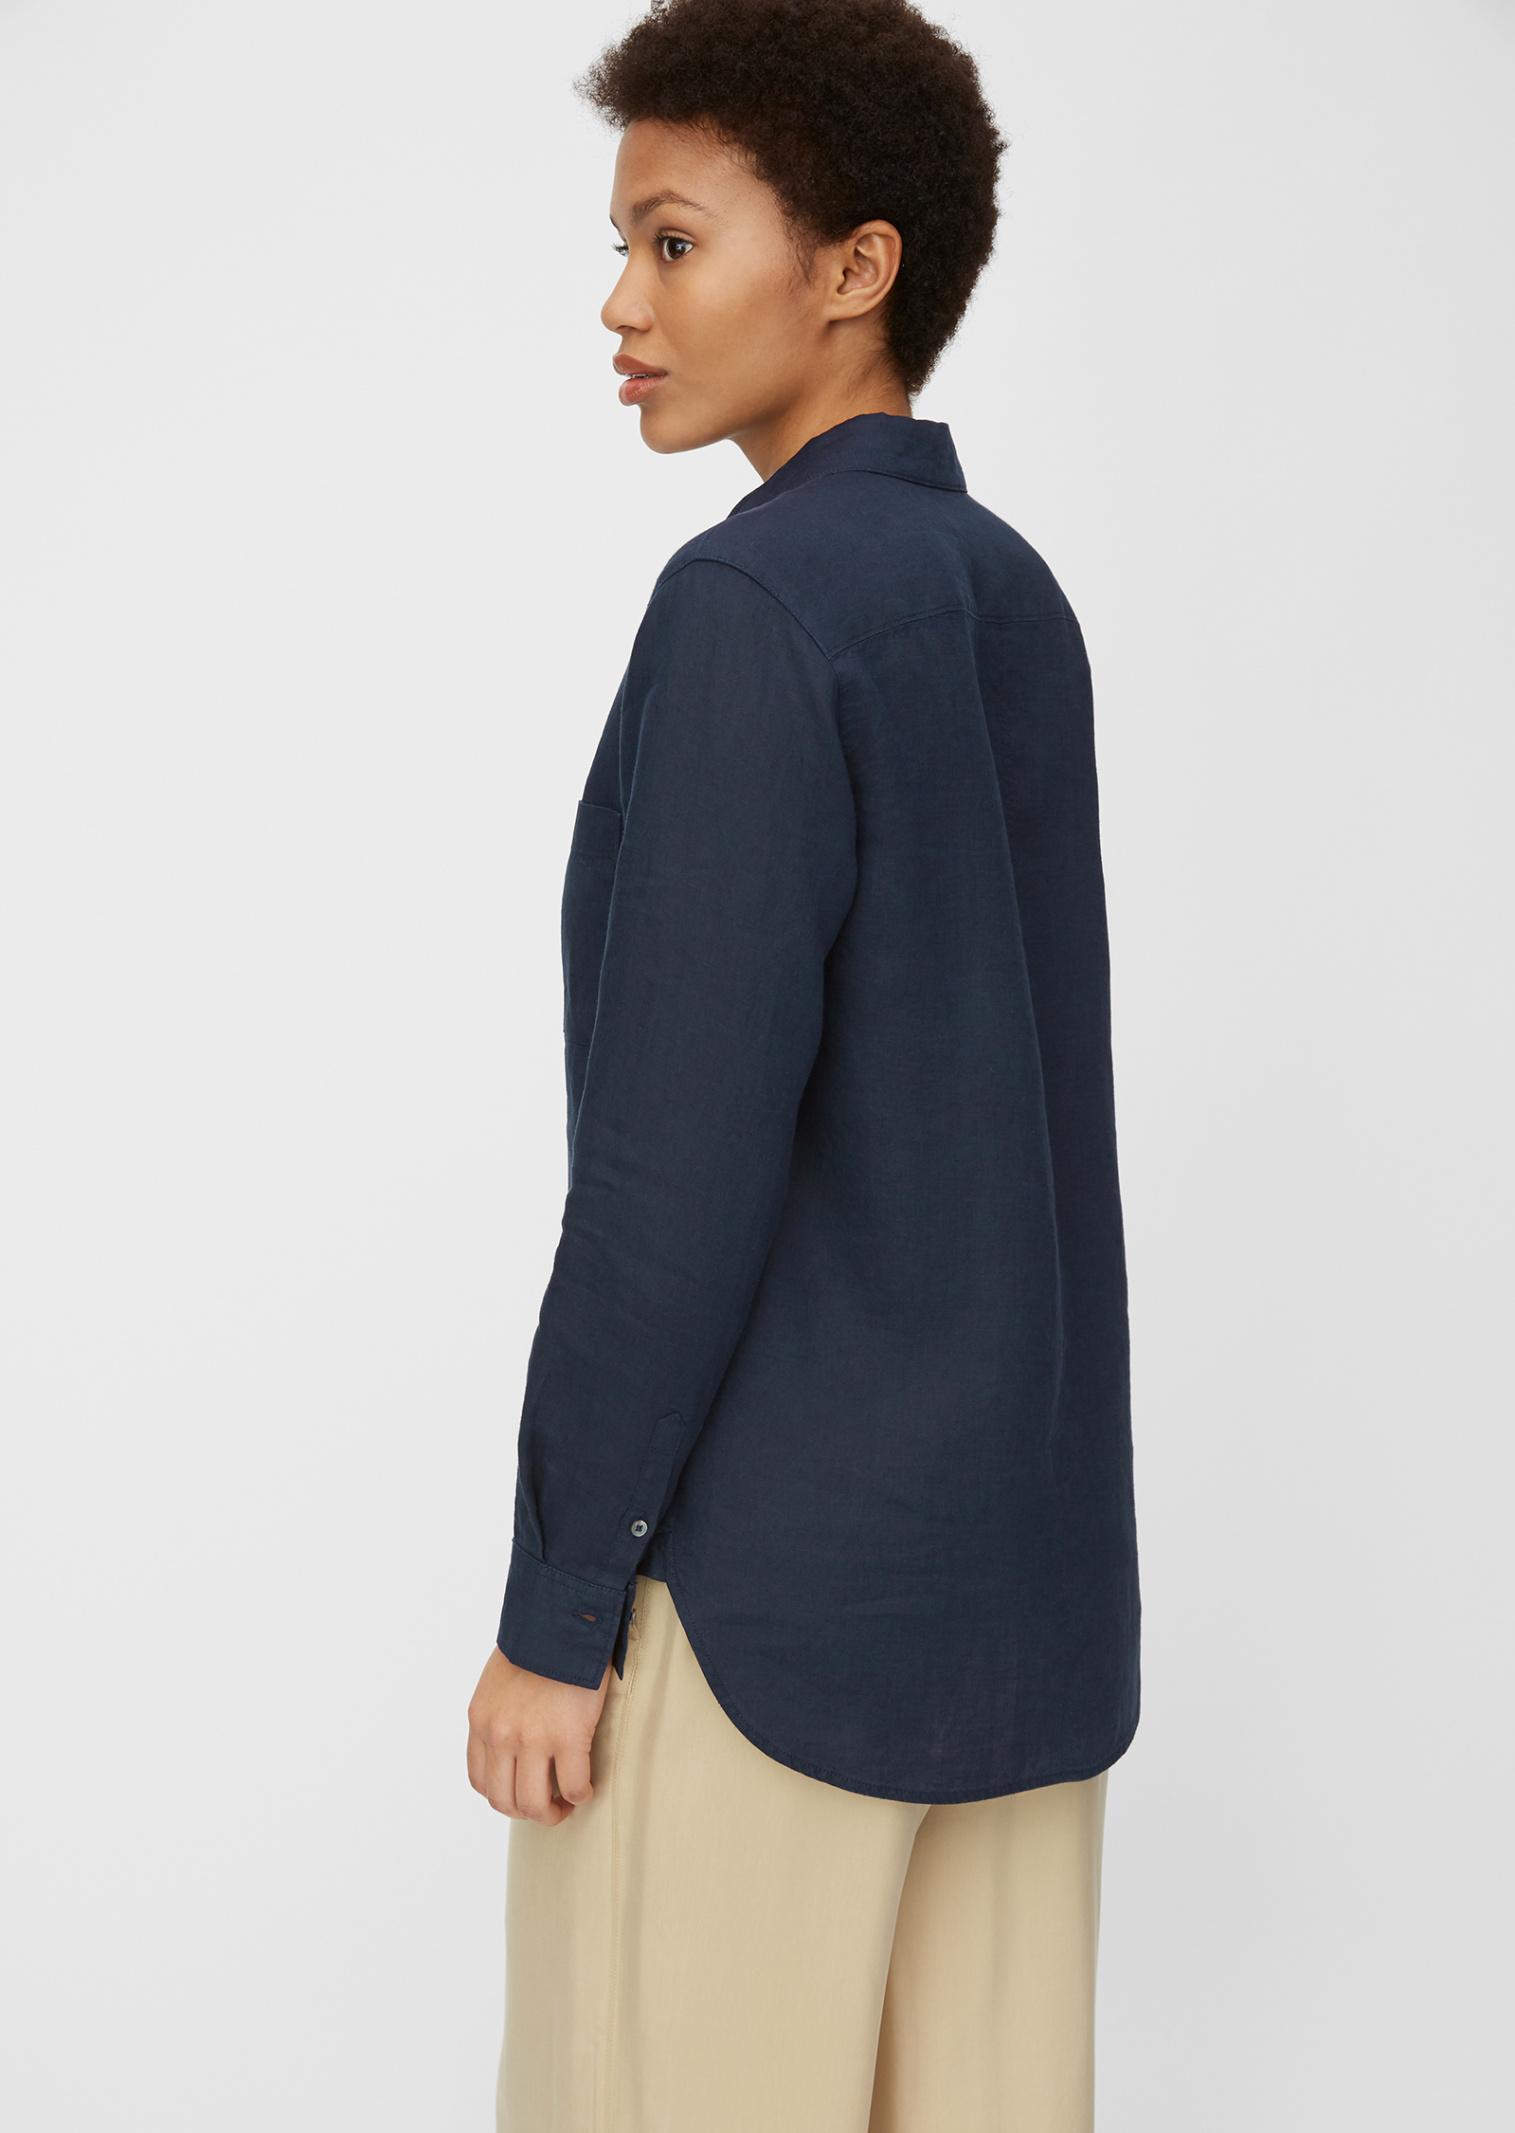 Marc O'Polo Блуза жіночі модель 003130542471-881 , 2017